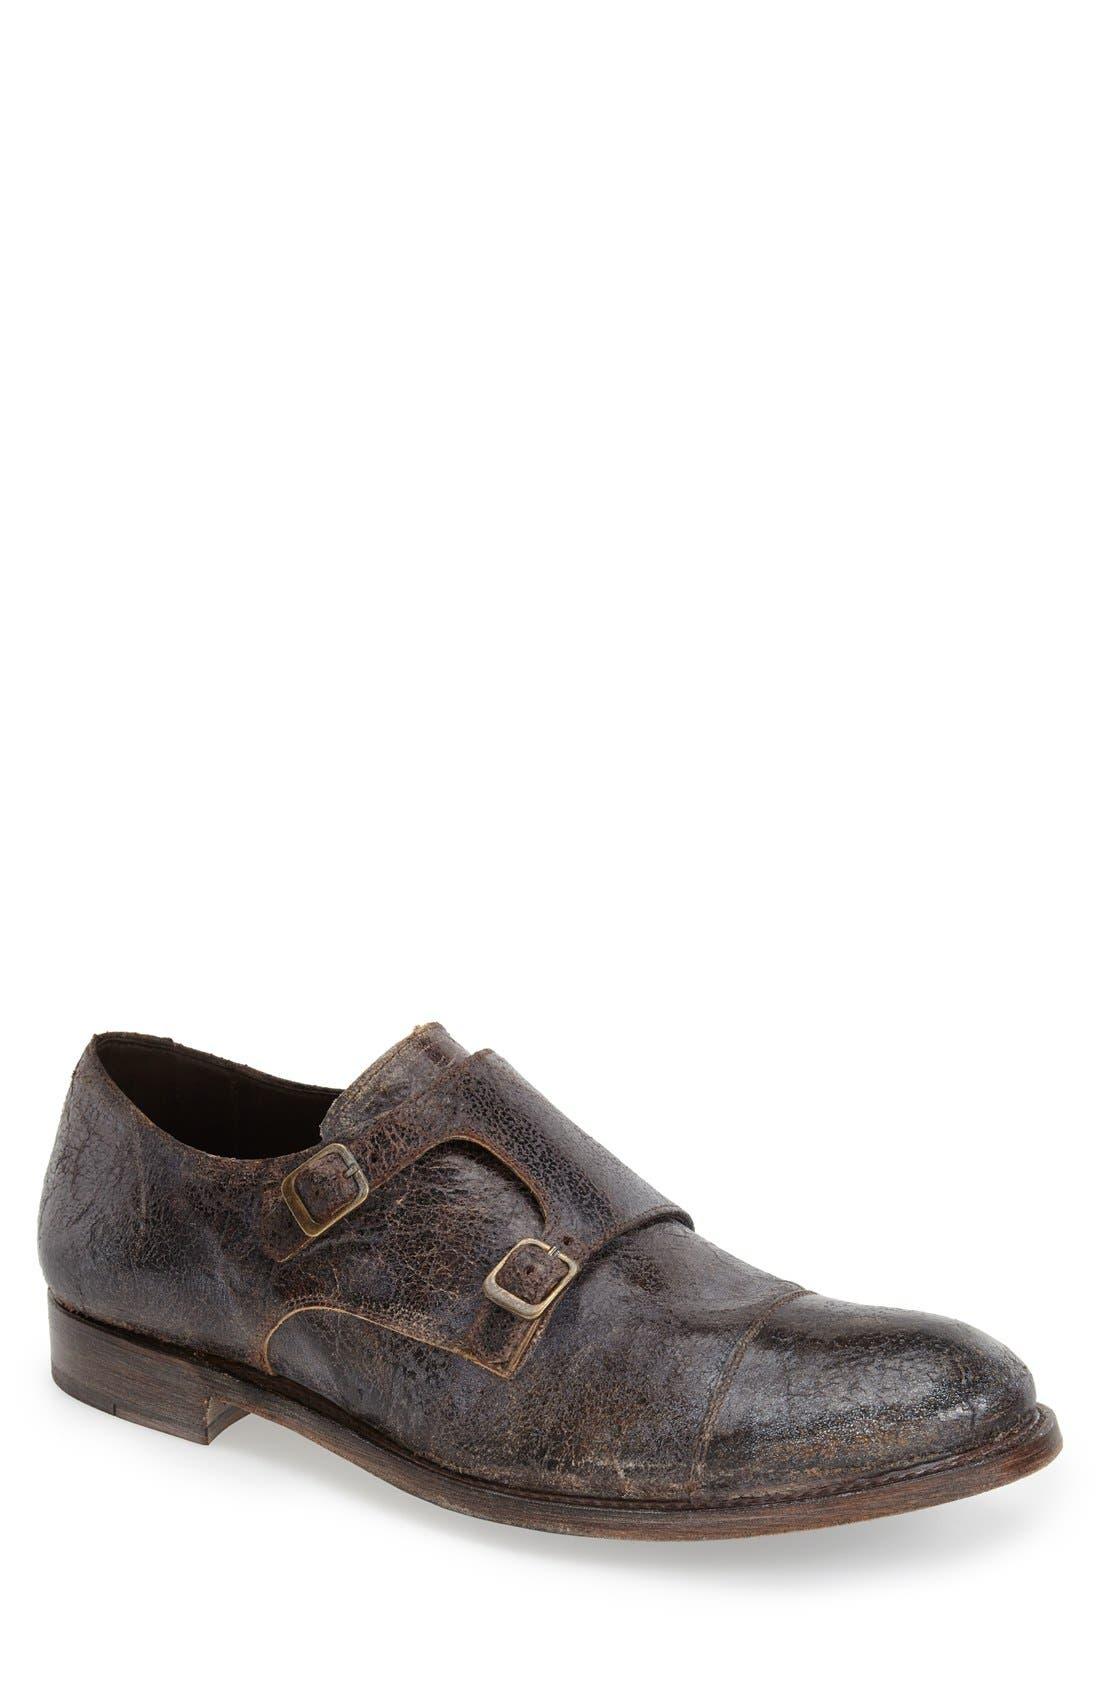 Boots 'Friar Tuk' Double Monk Strap Shoe,                         Main,                         color, 200